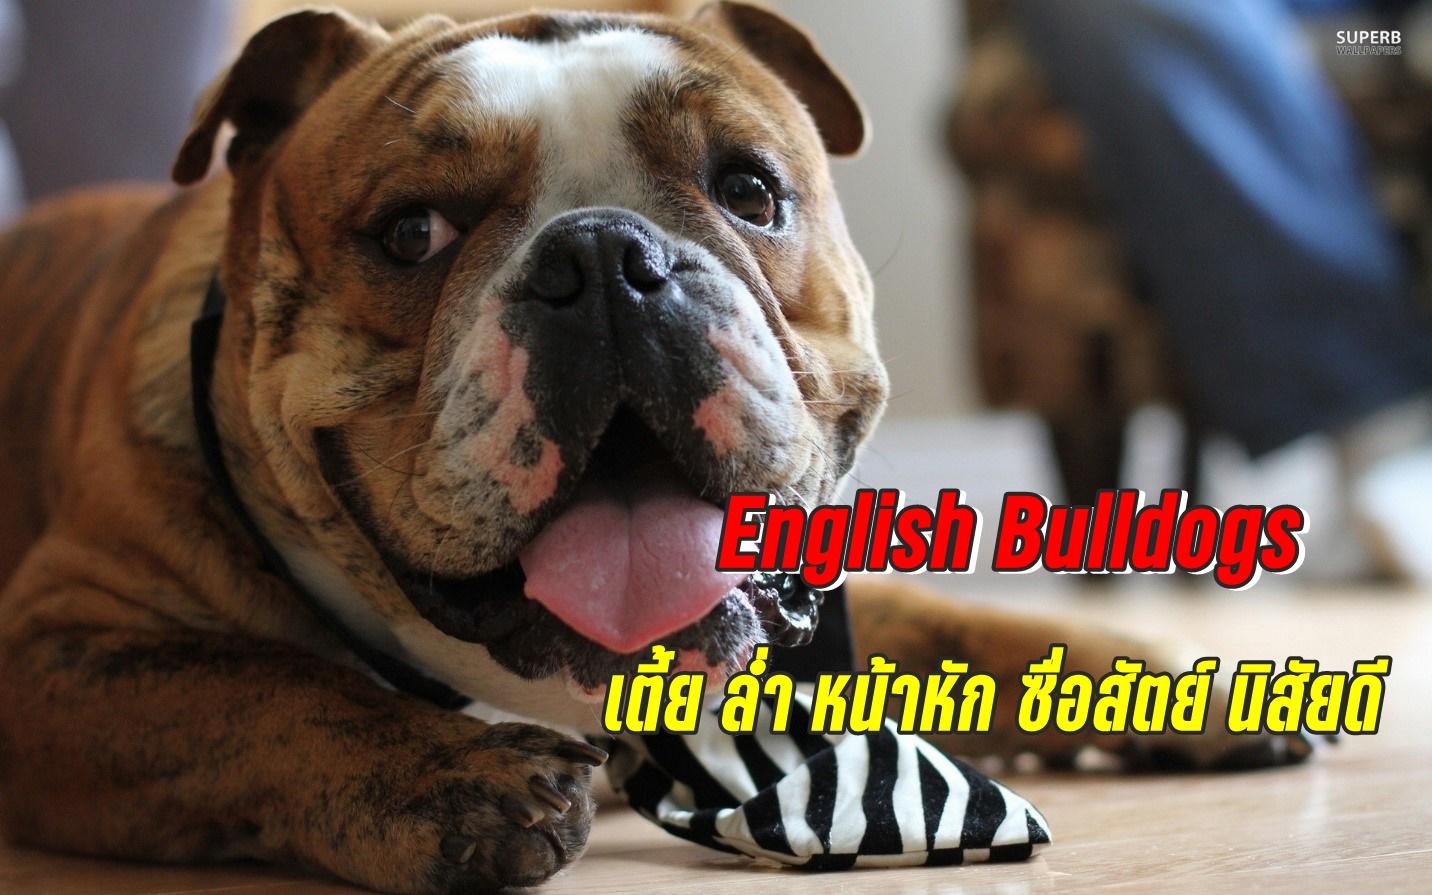 หมาพันธุ์อิงลิช บูลล์ด็อก (English Bulldogs) หมาพันธุ์เตี้ย ล่ำ หน้าหัก ซื่อสัตย์ นิสัยดี